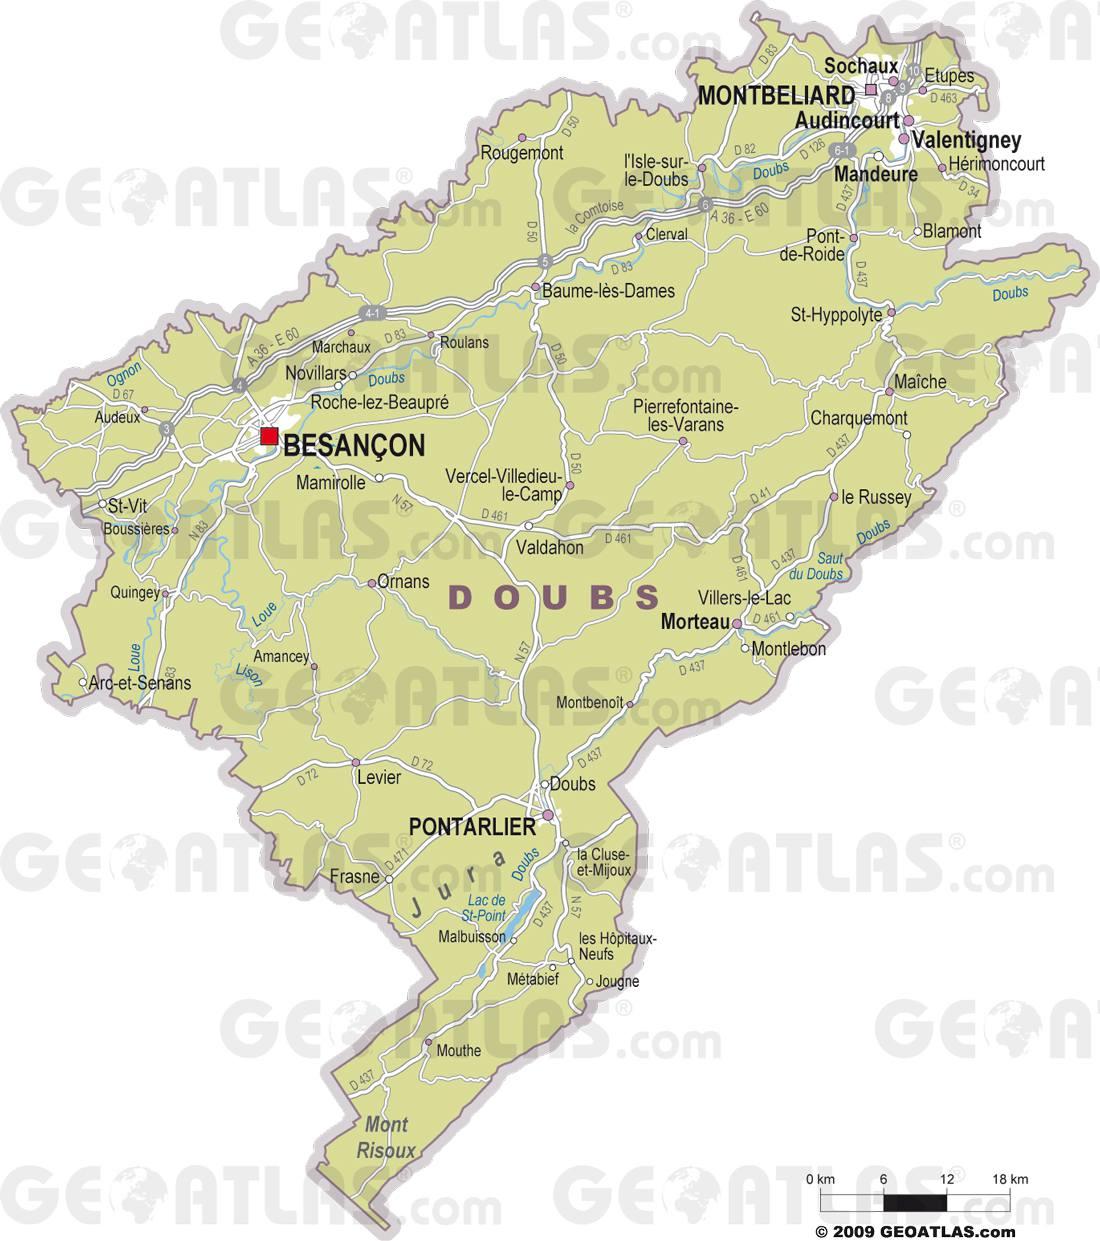 Carte des villes du Doubs